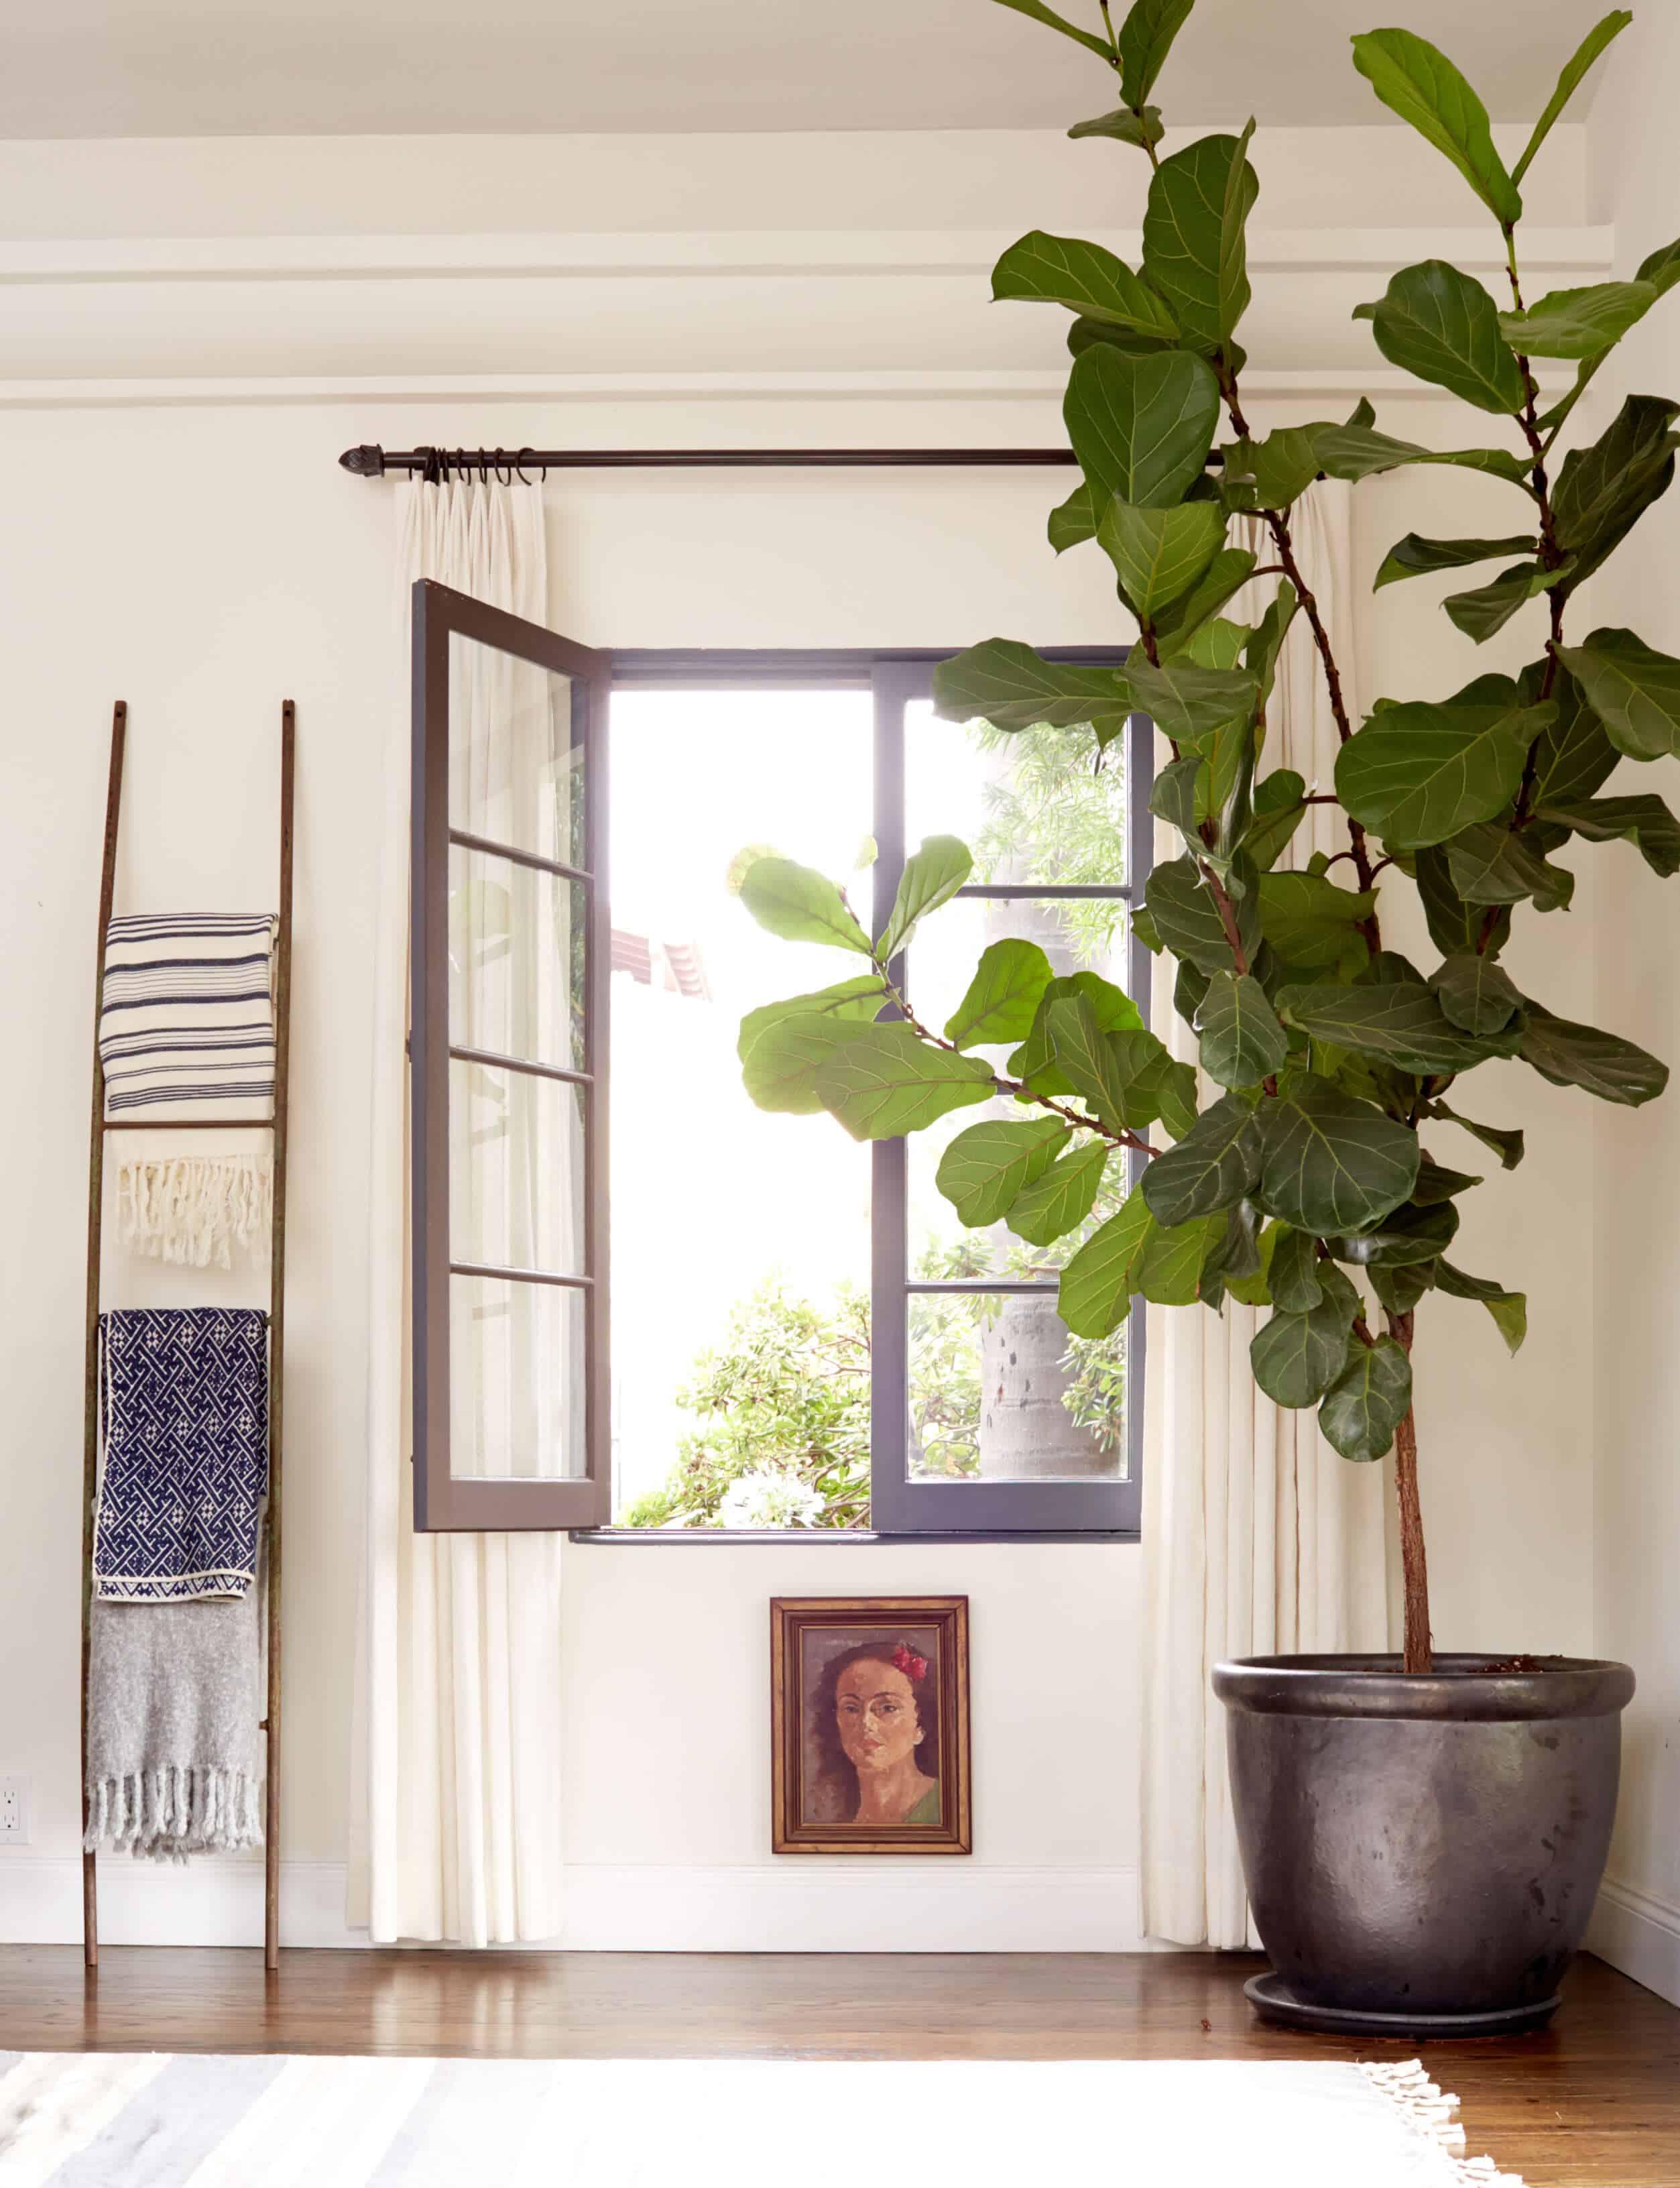 emily-henderson_living-room_blue-white_fiddle-leaf-fig_blanket-ladder_inspiration